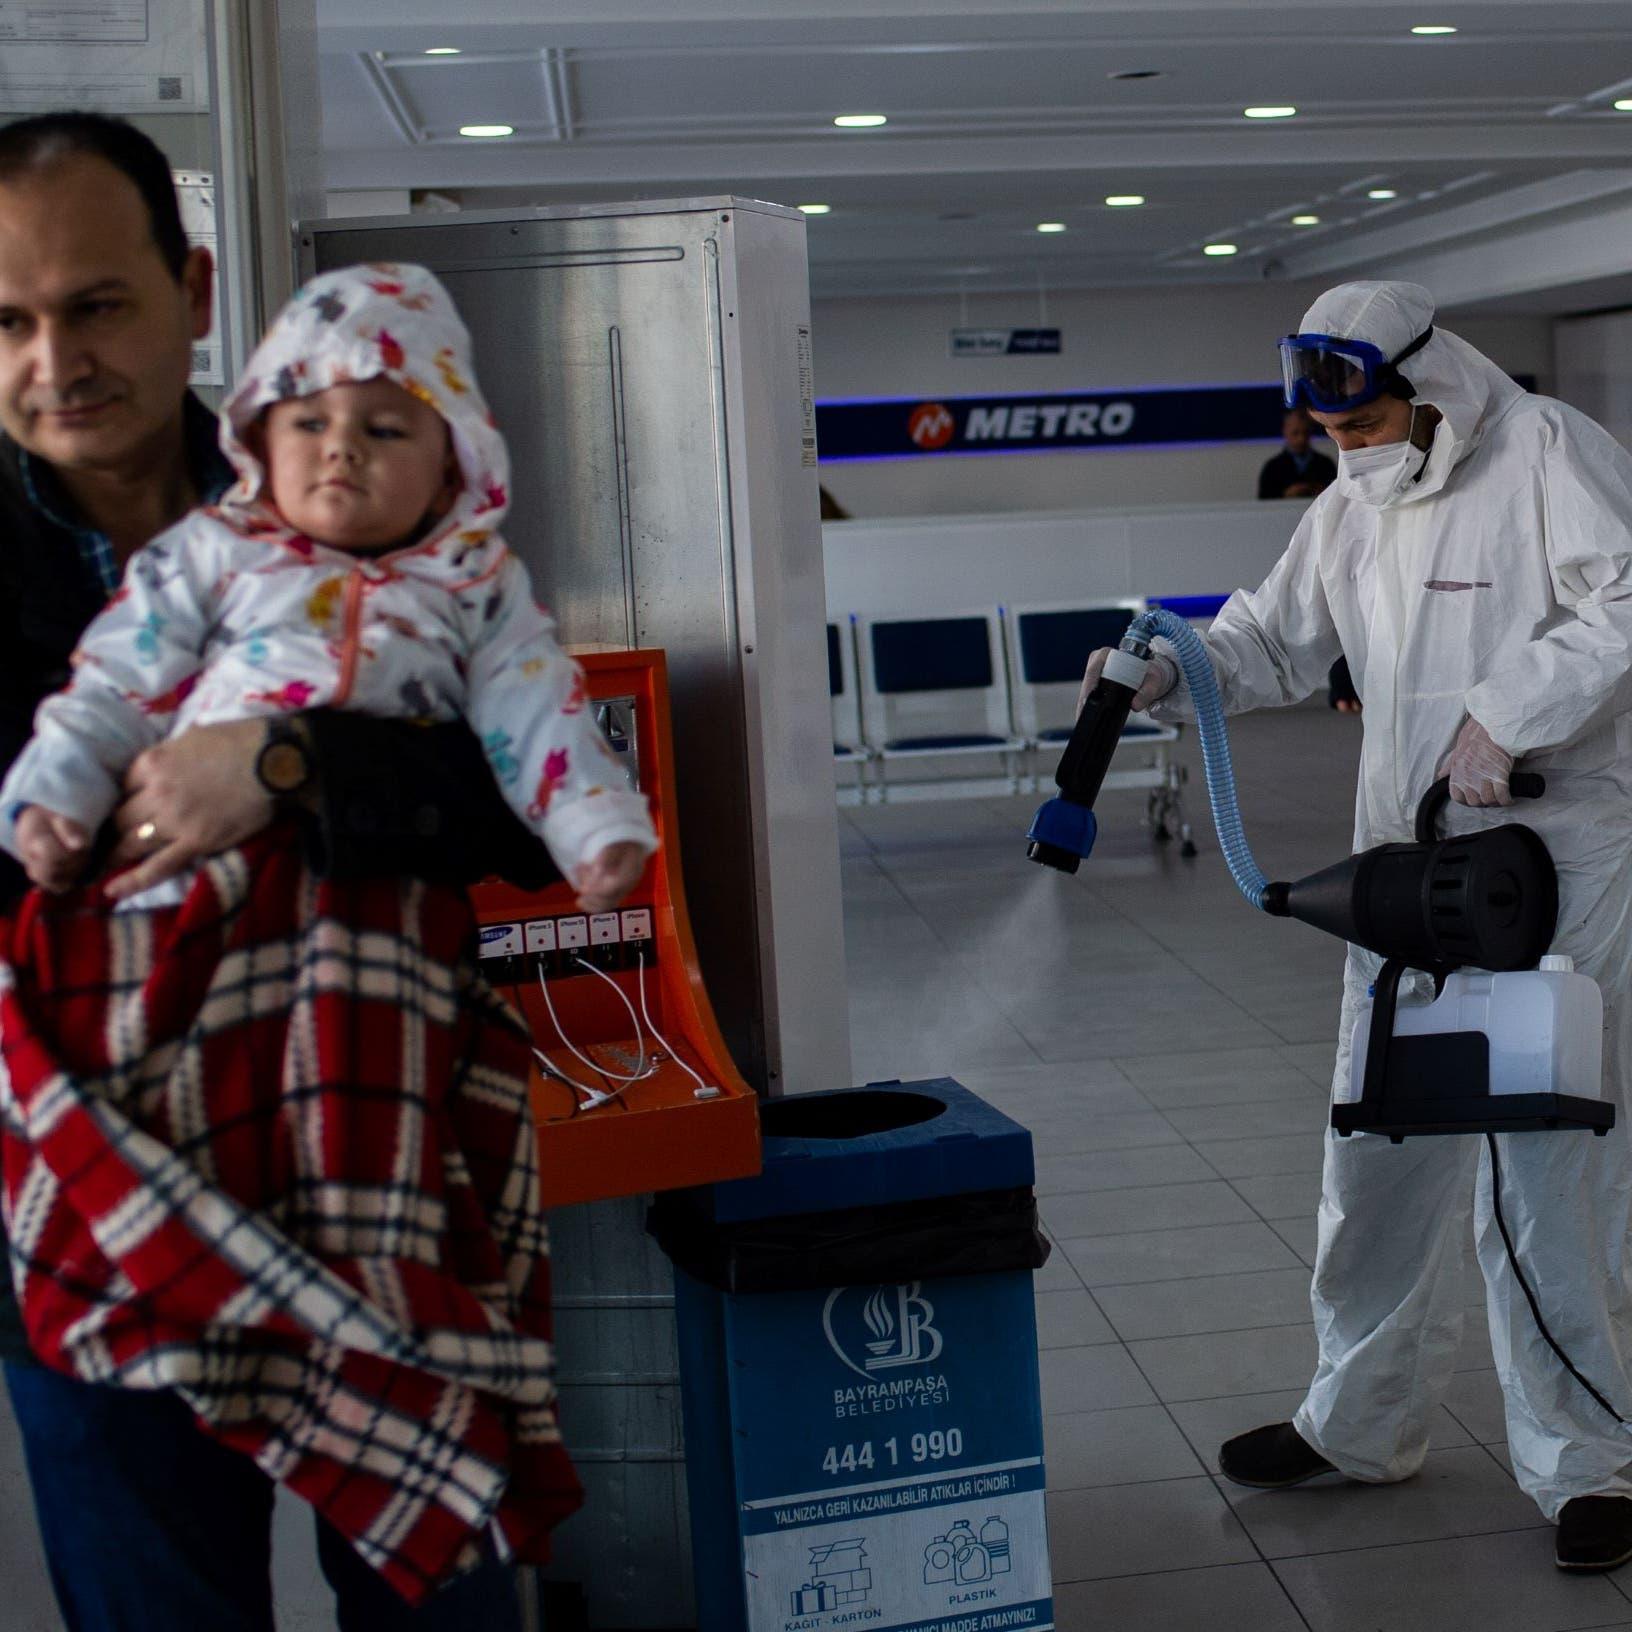 بسبب كورونا.. نقل أجانب علقوا بمطار إسطنبول لشمال تركيا